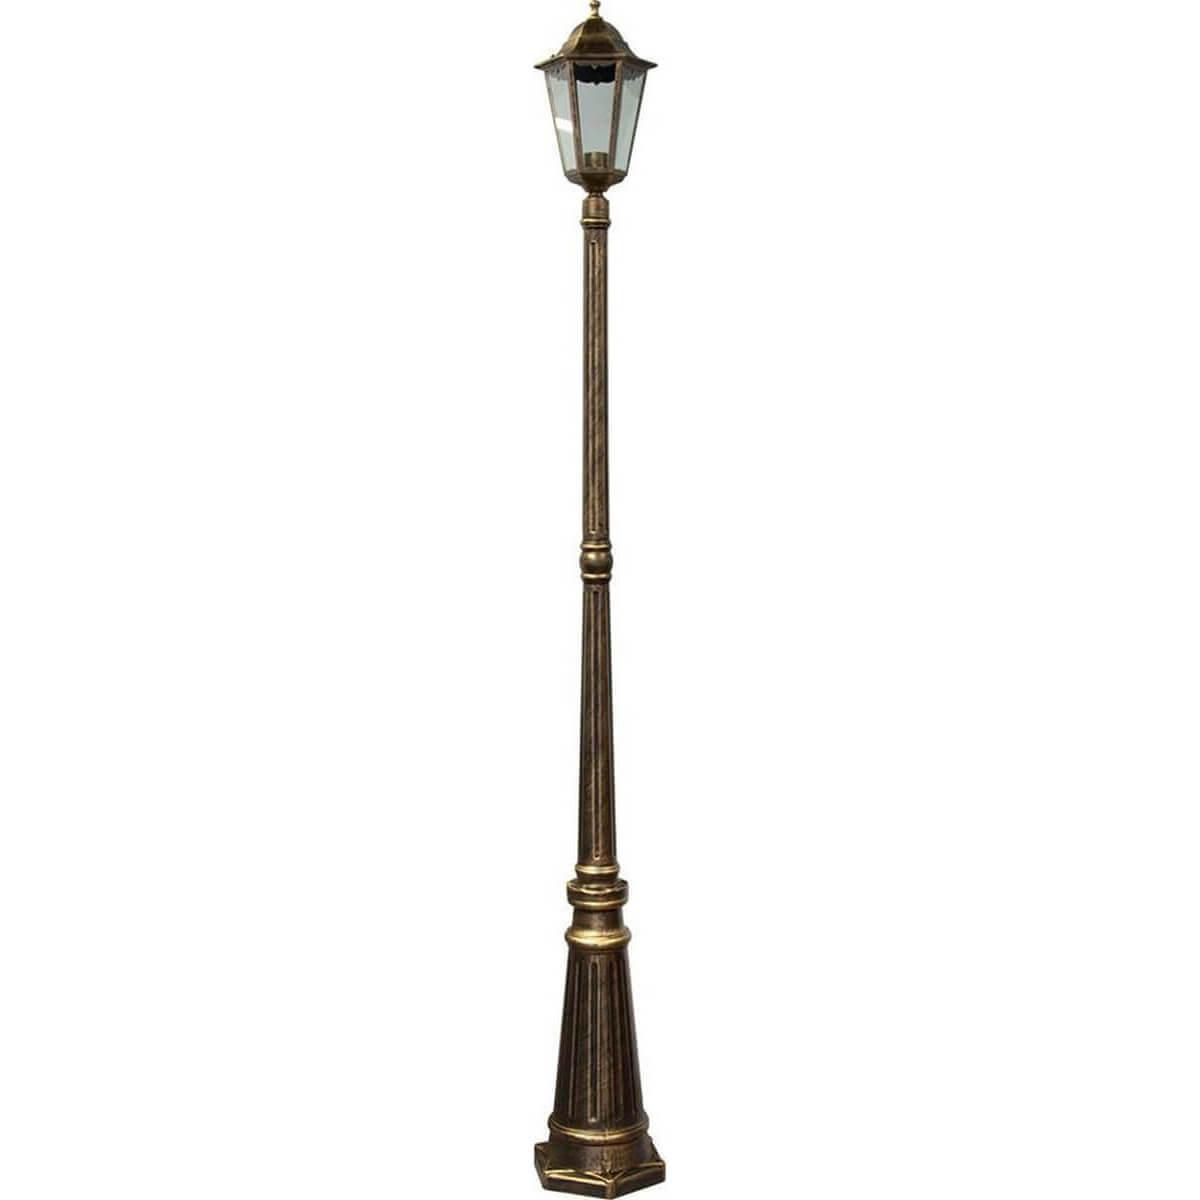 цена Садово-парковый светильник Feron 6211 11206 онлайн в 2017 году